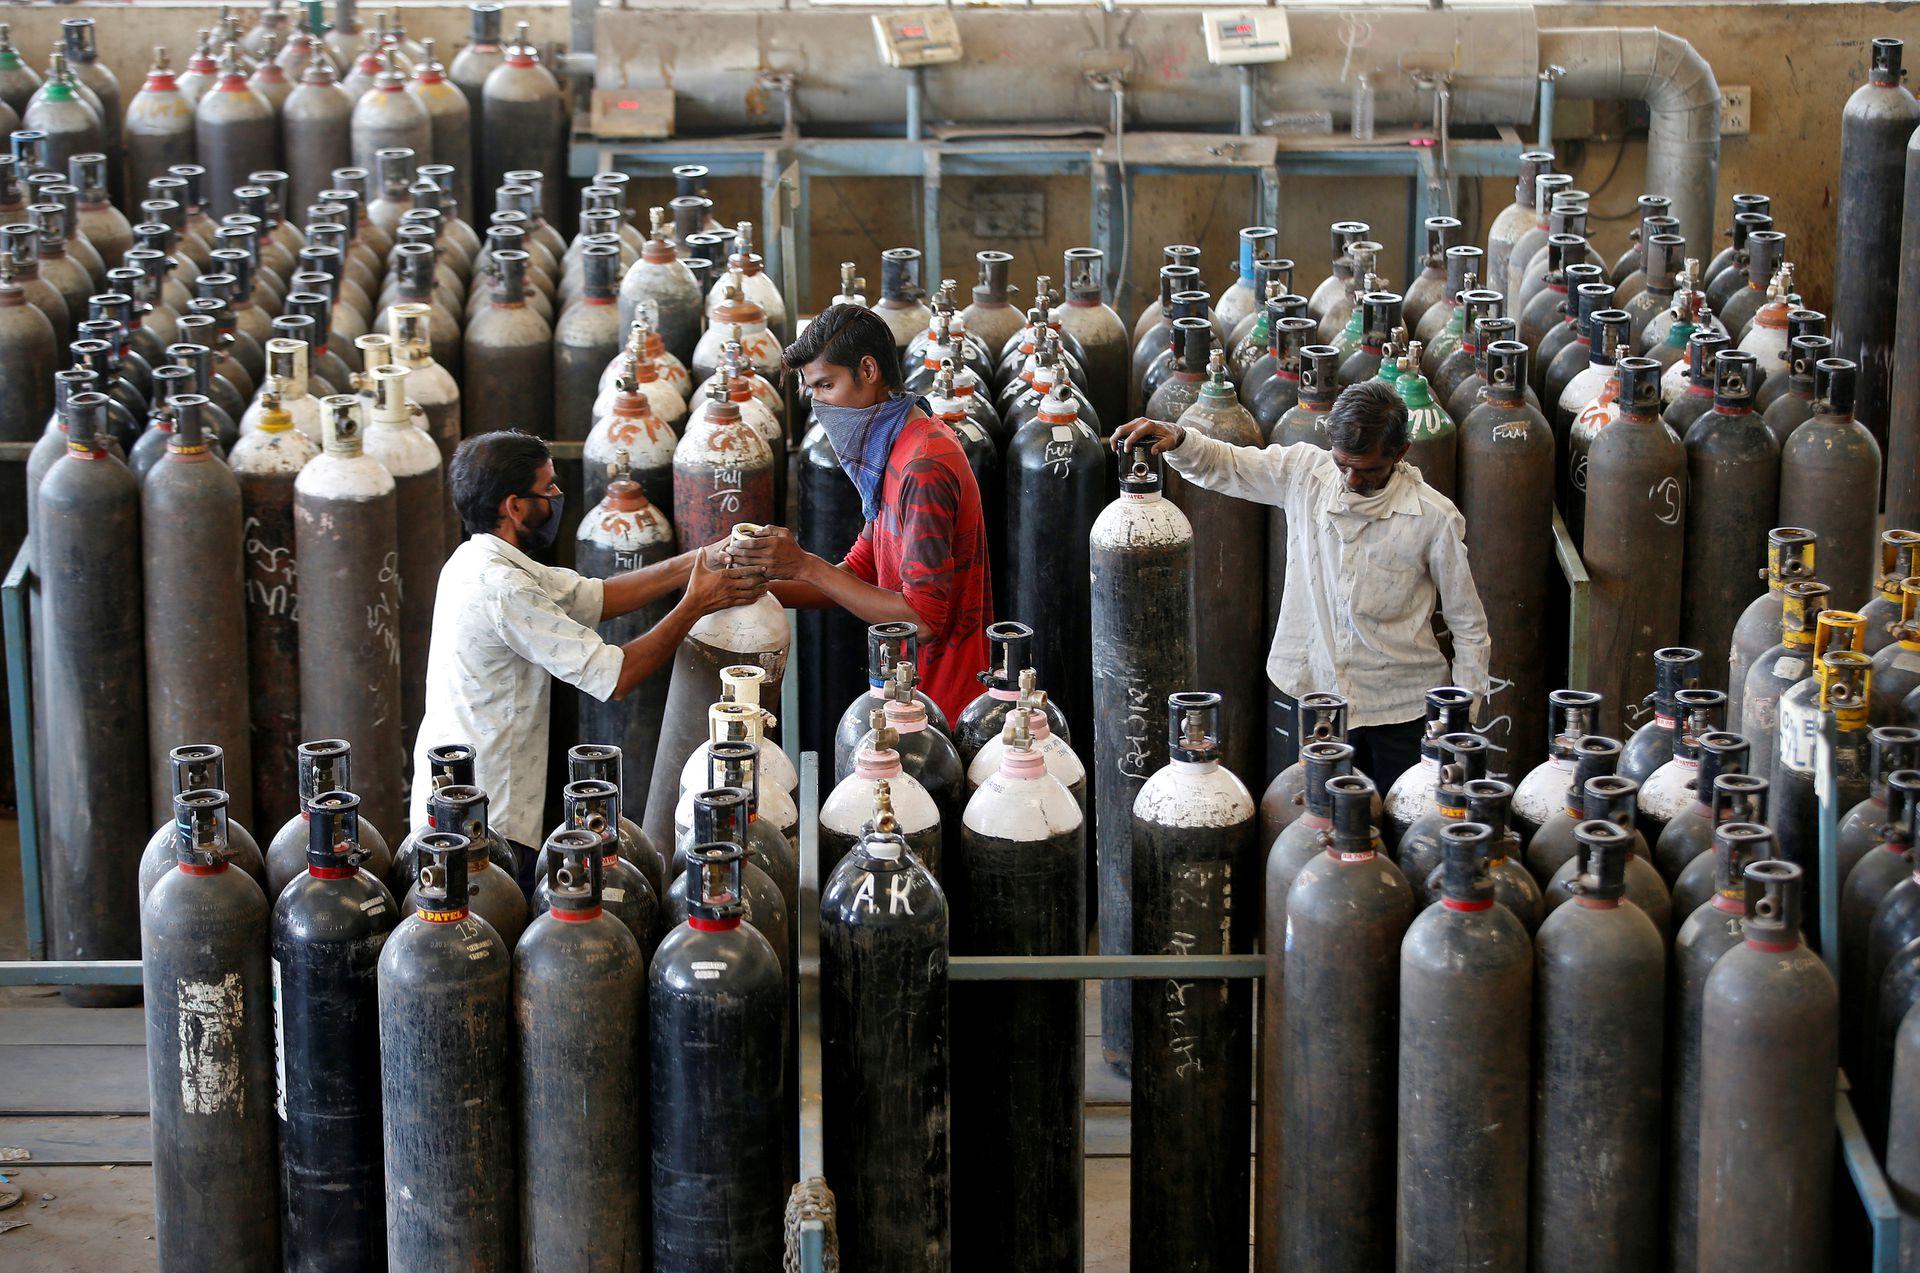 印度理论可1天生产7100吨氧气,为何仍短缺?(组图)